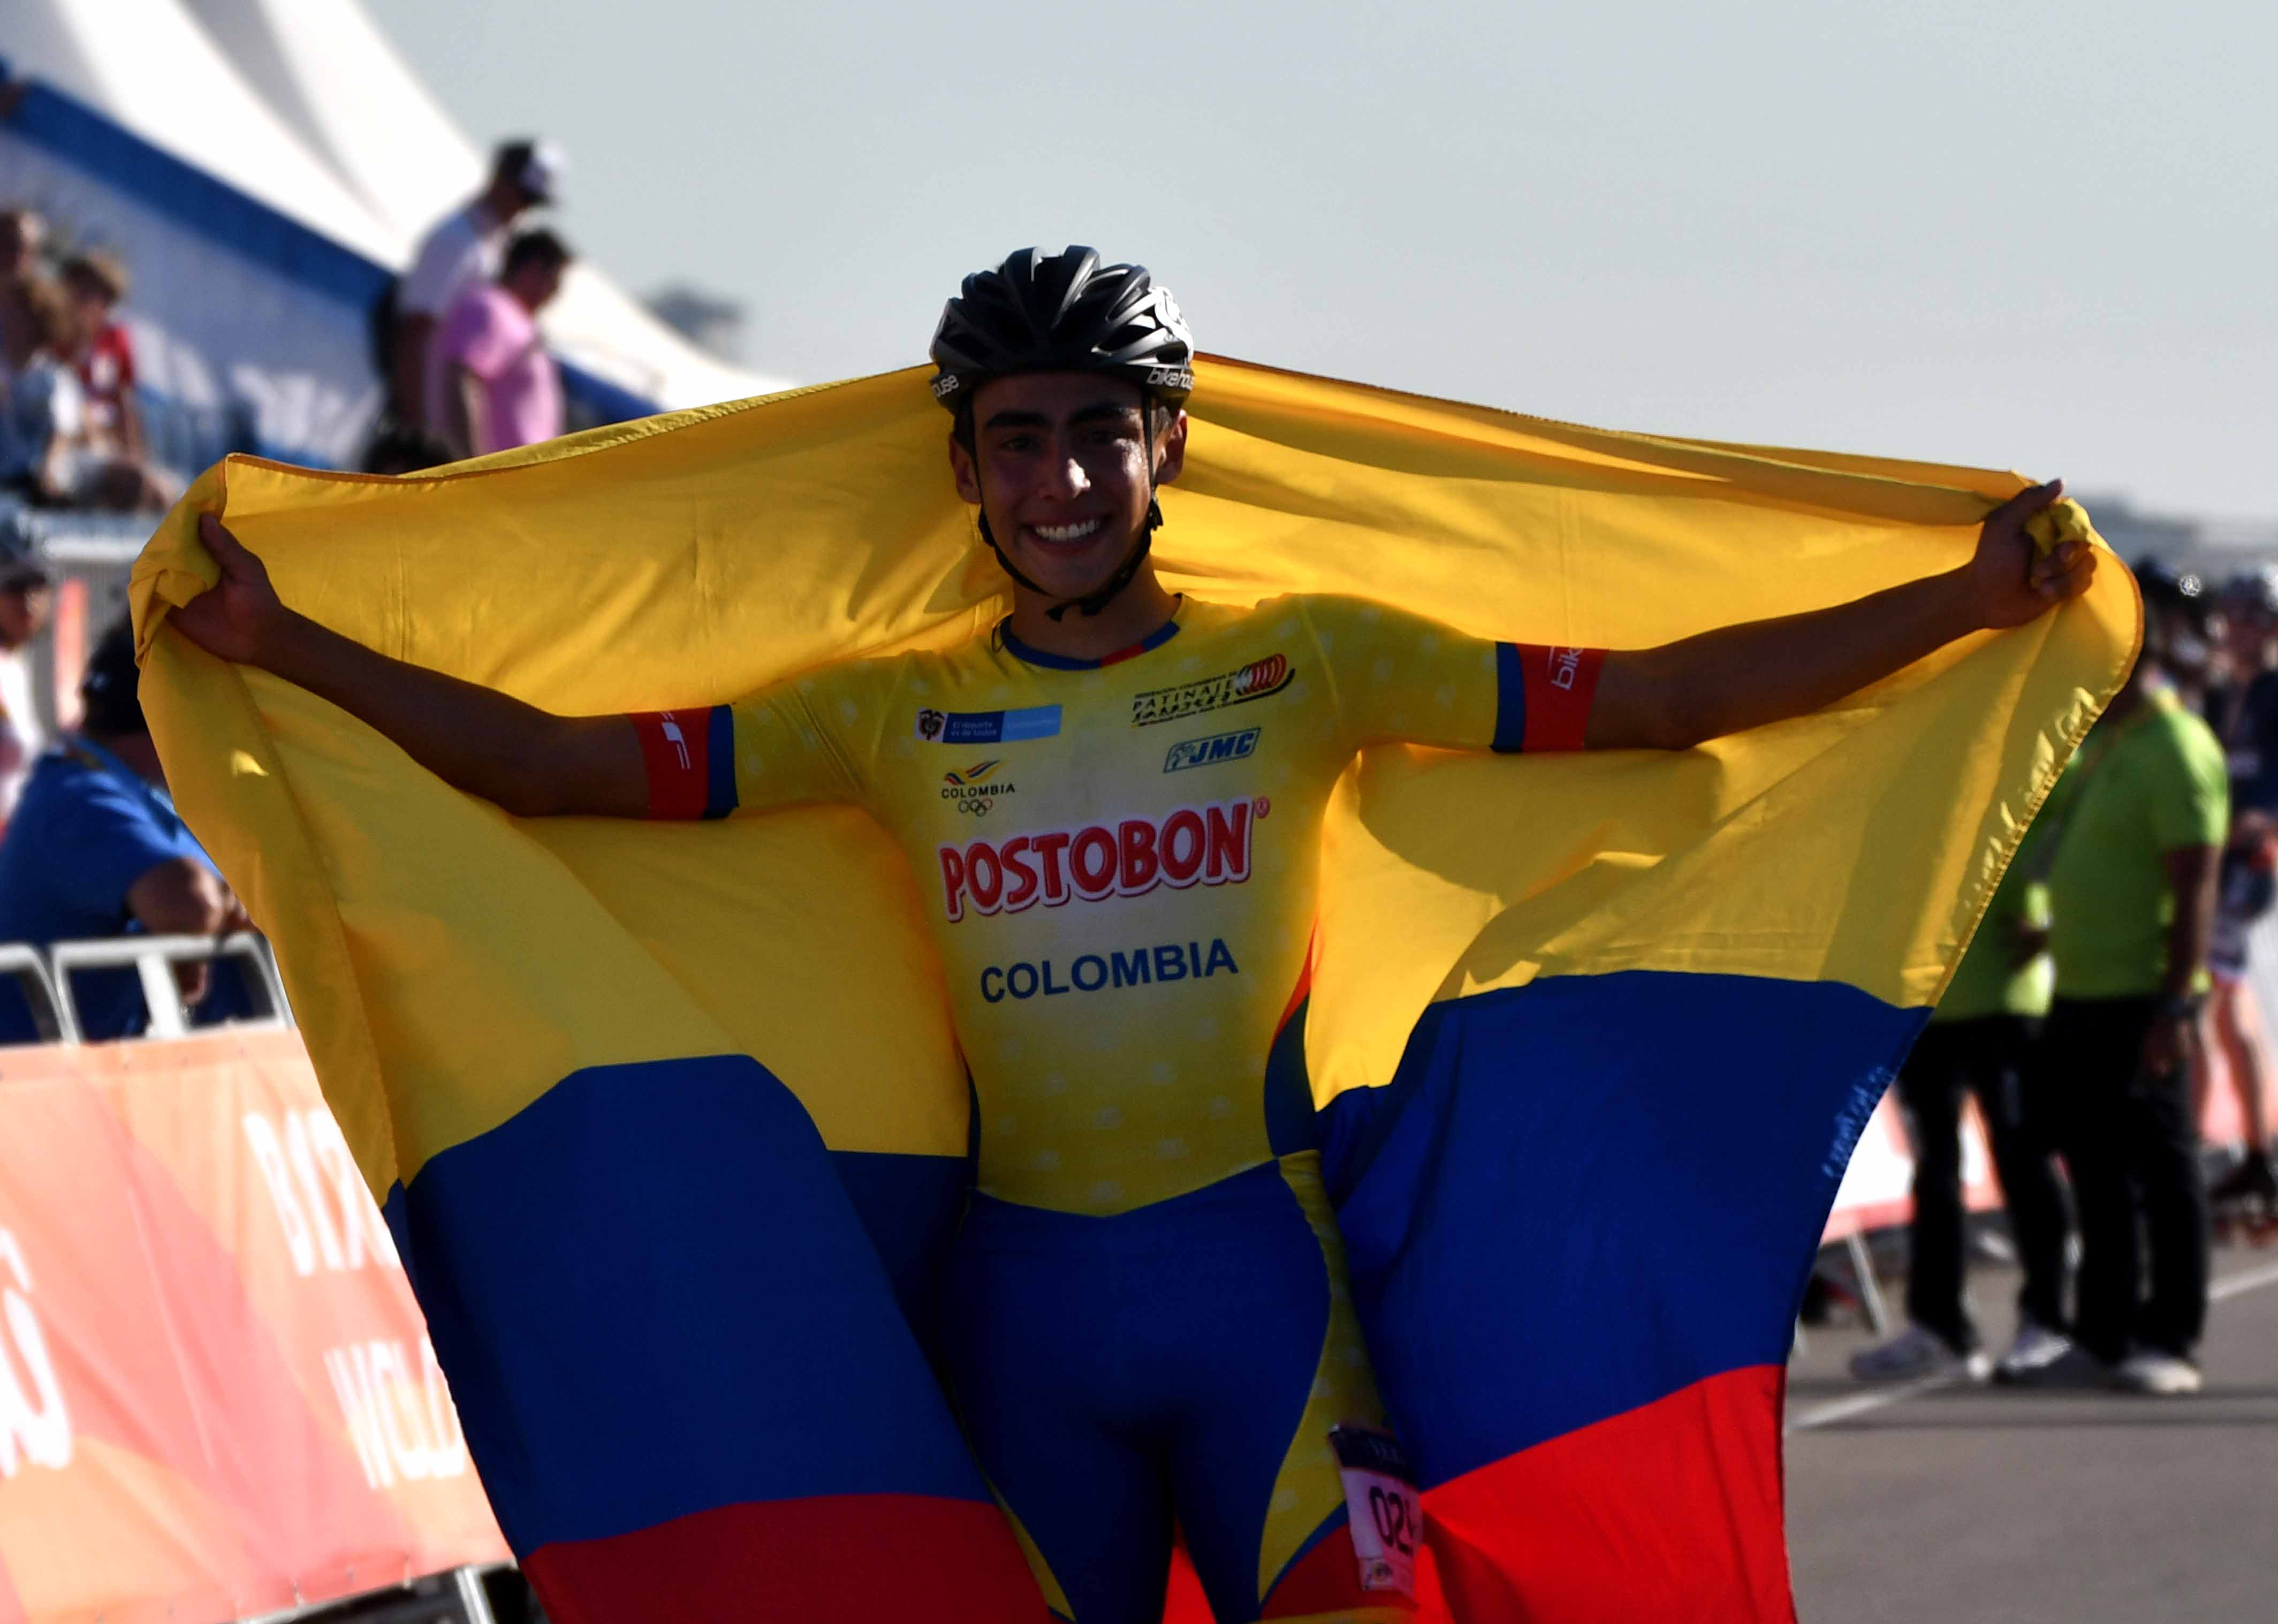 Juan Jacobo Mantilla medalla de oro en Mundial de Patinaje   EL FRENTE